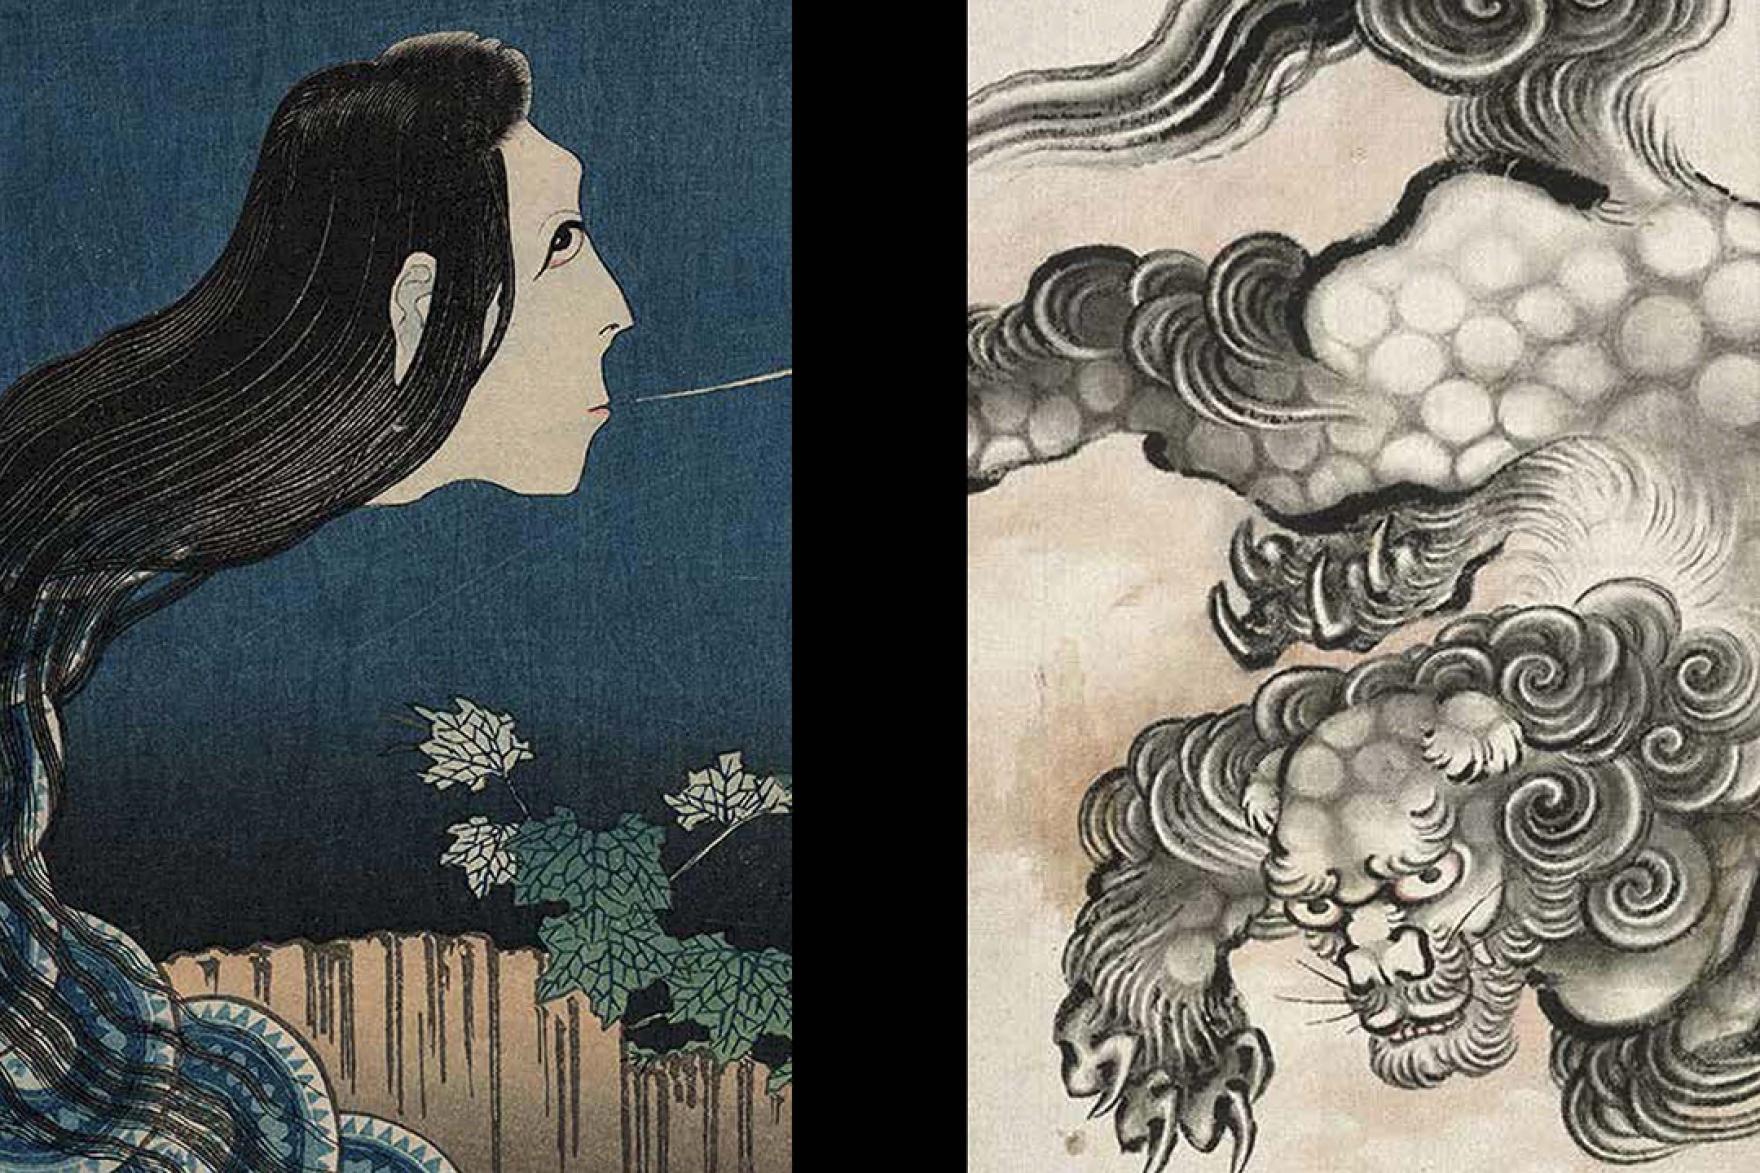 Hokusai spread 4